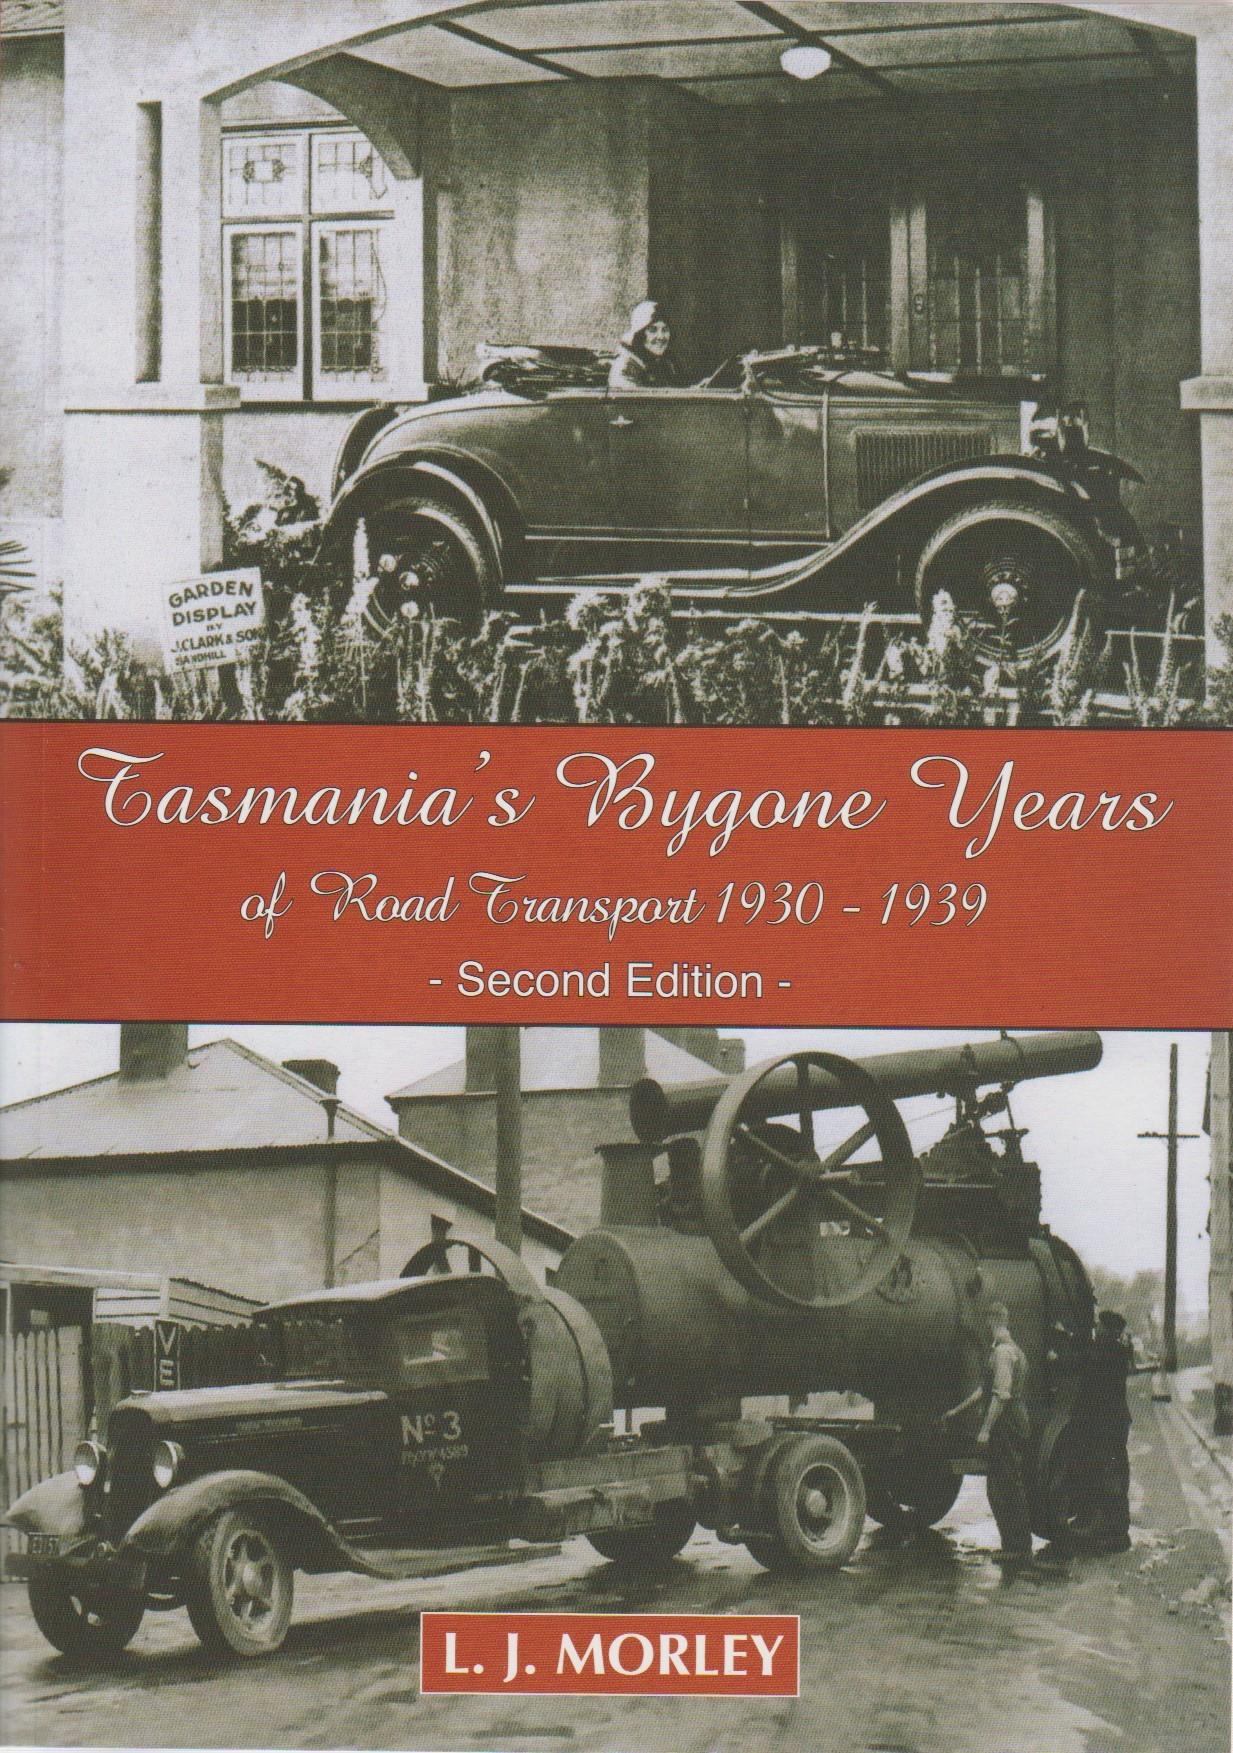 Tasmania's Bygone Years of Road Transport 1930-1939